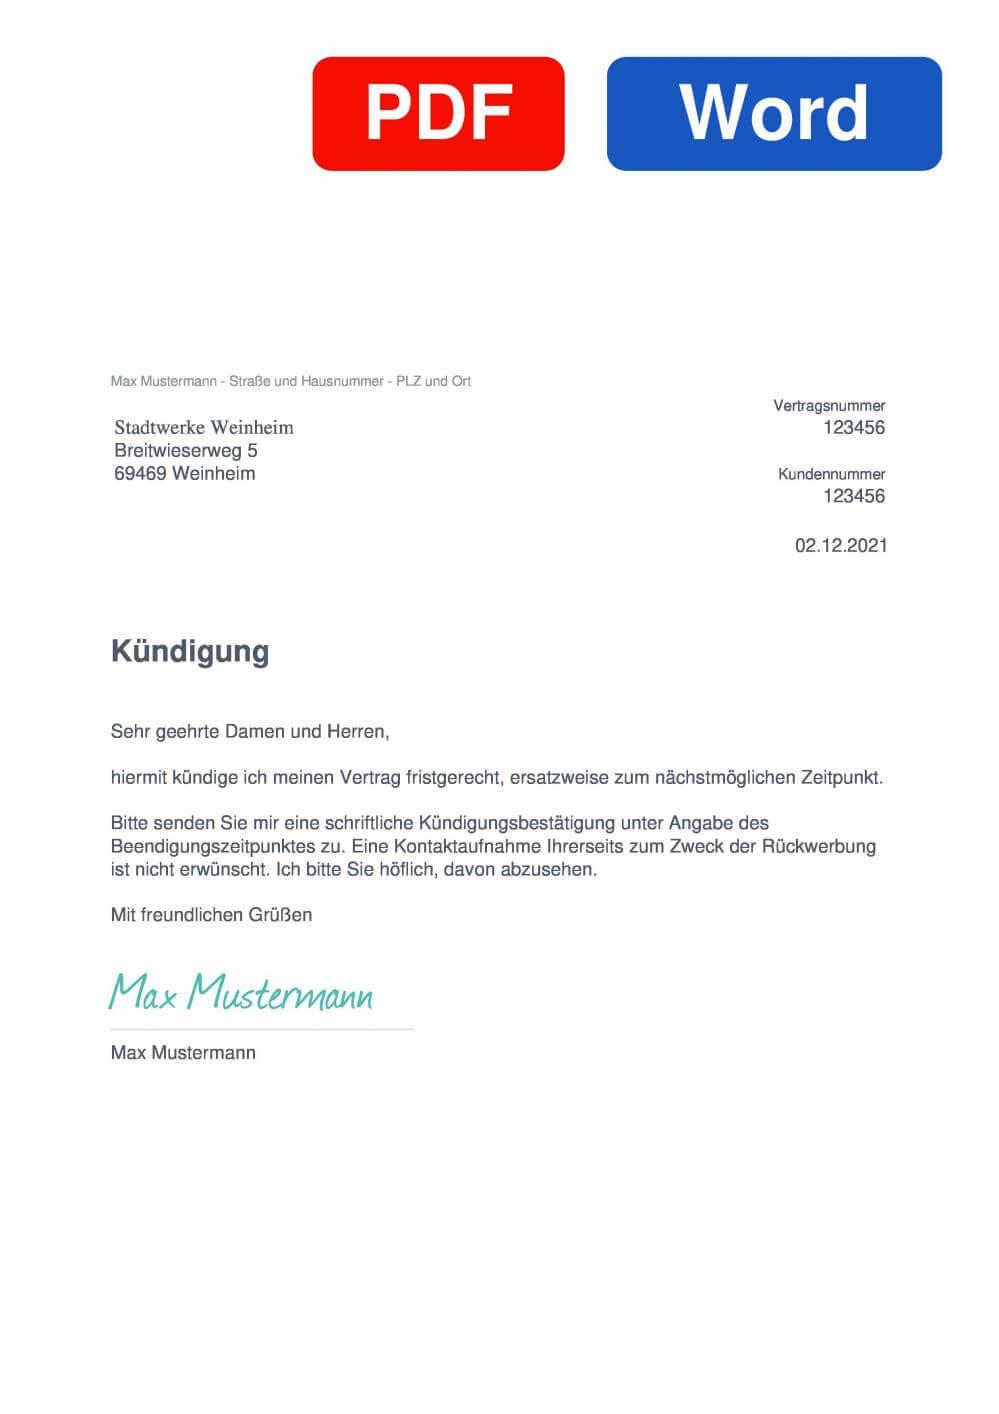 Stadtwerke Weinheim Muster Vorlage für Kündigungsschreiben